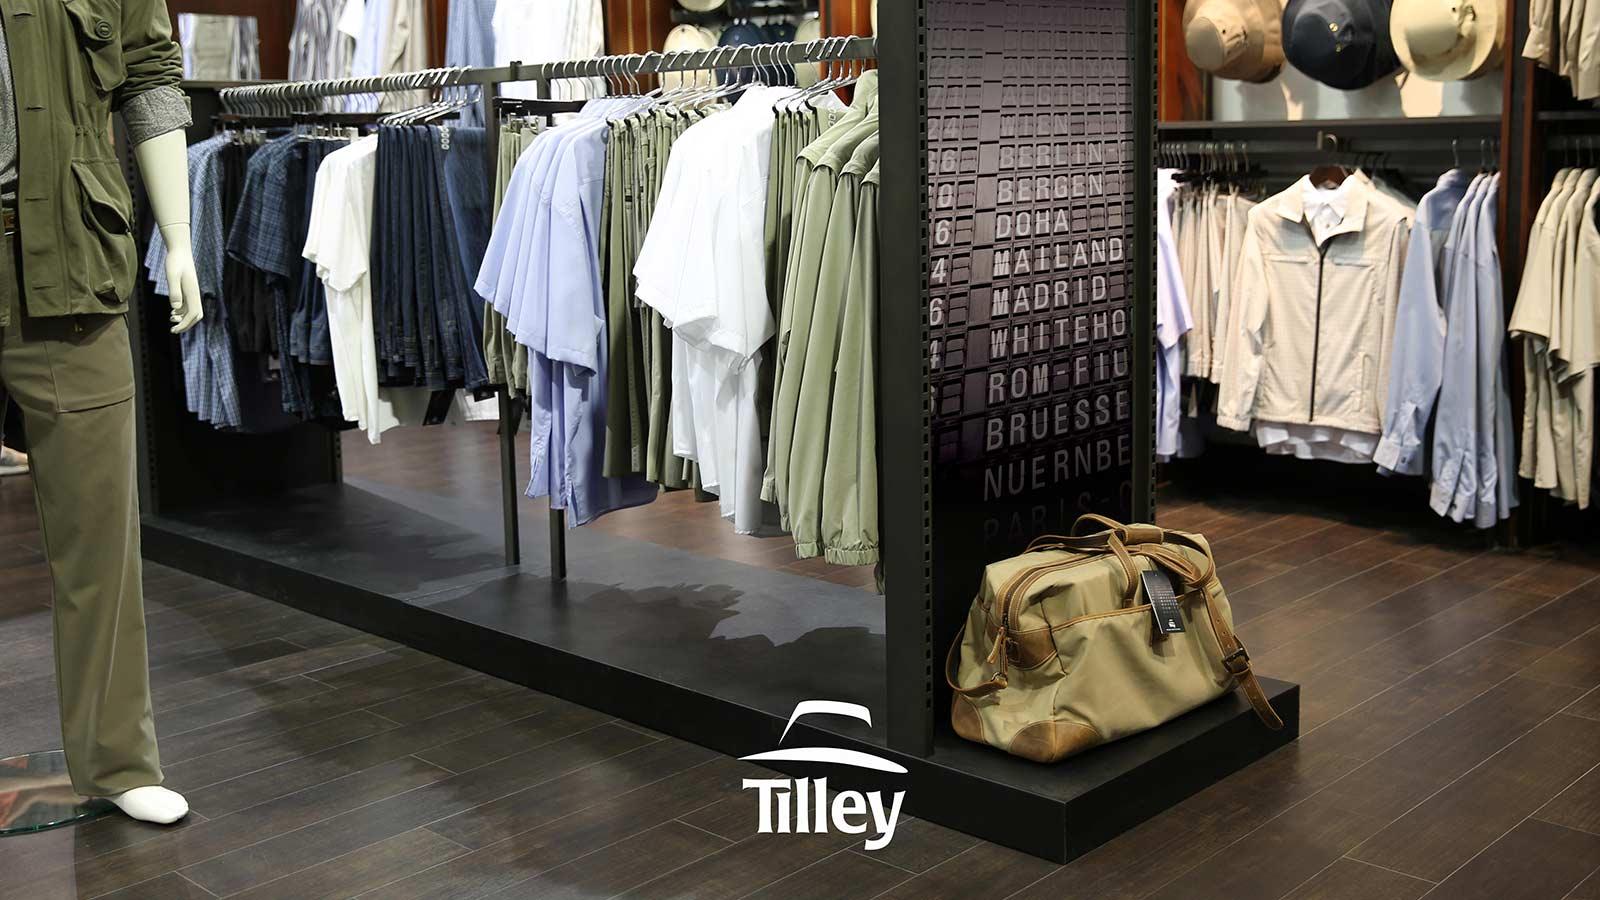 Tilley Endurables | Campagne intégrée pour la marque Tilley |